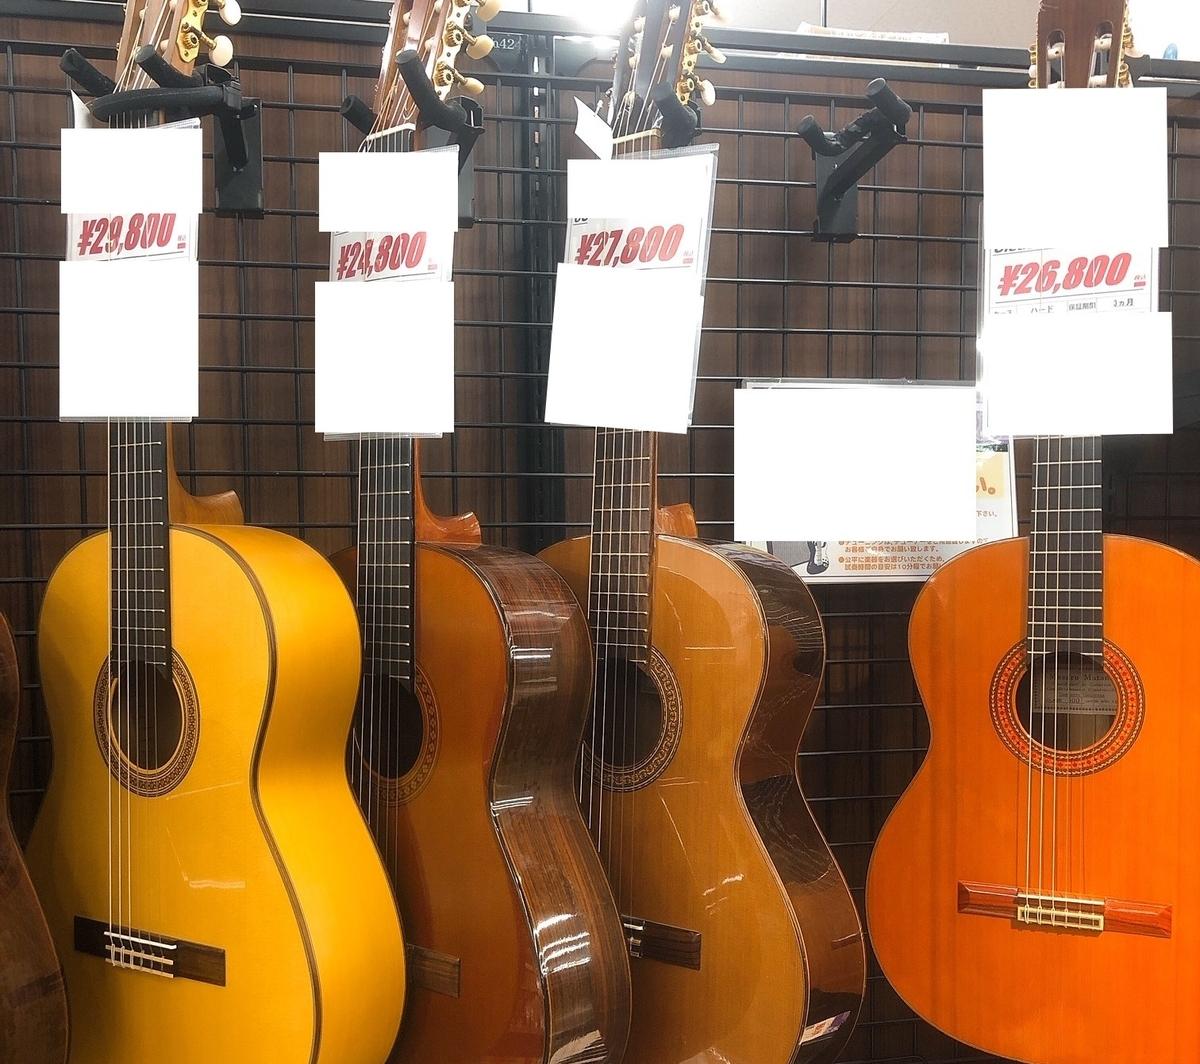 リサイクルショップで売られているフォークギター